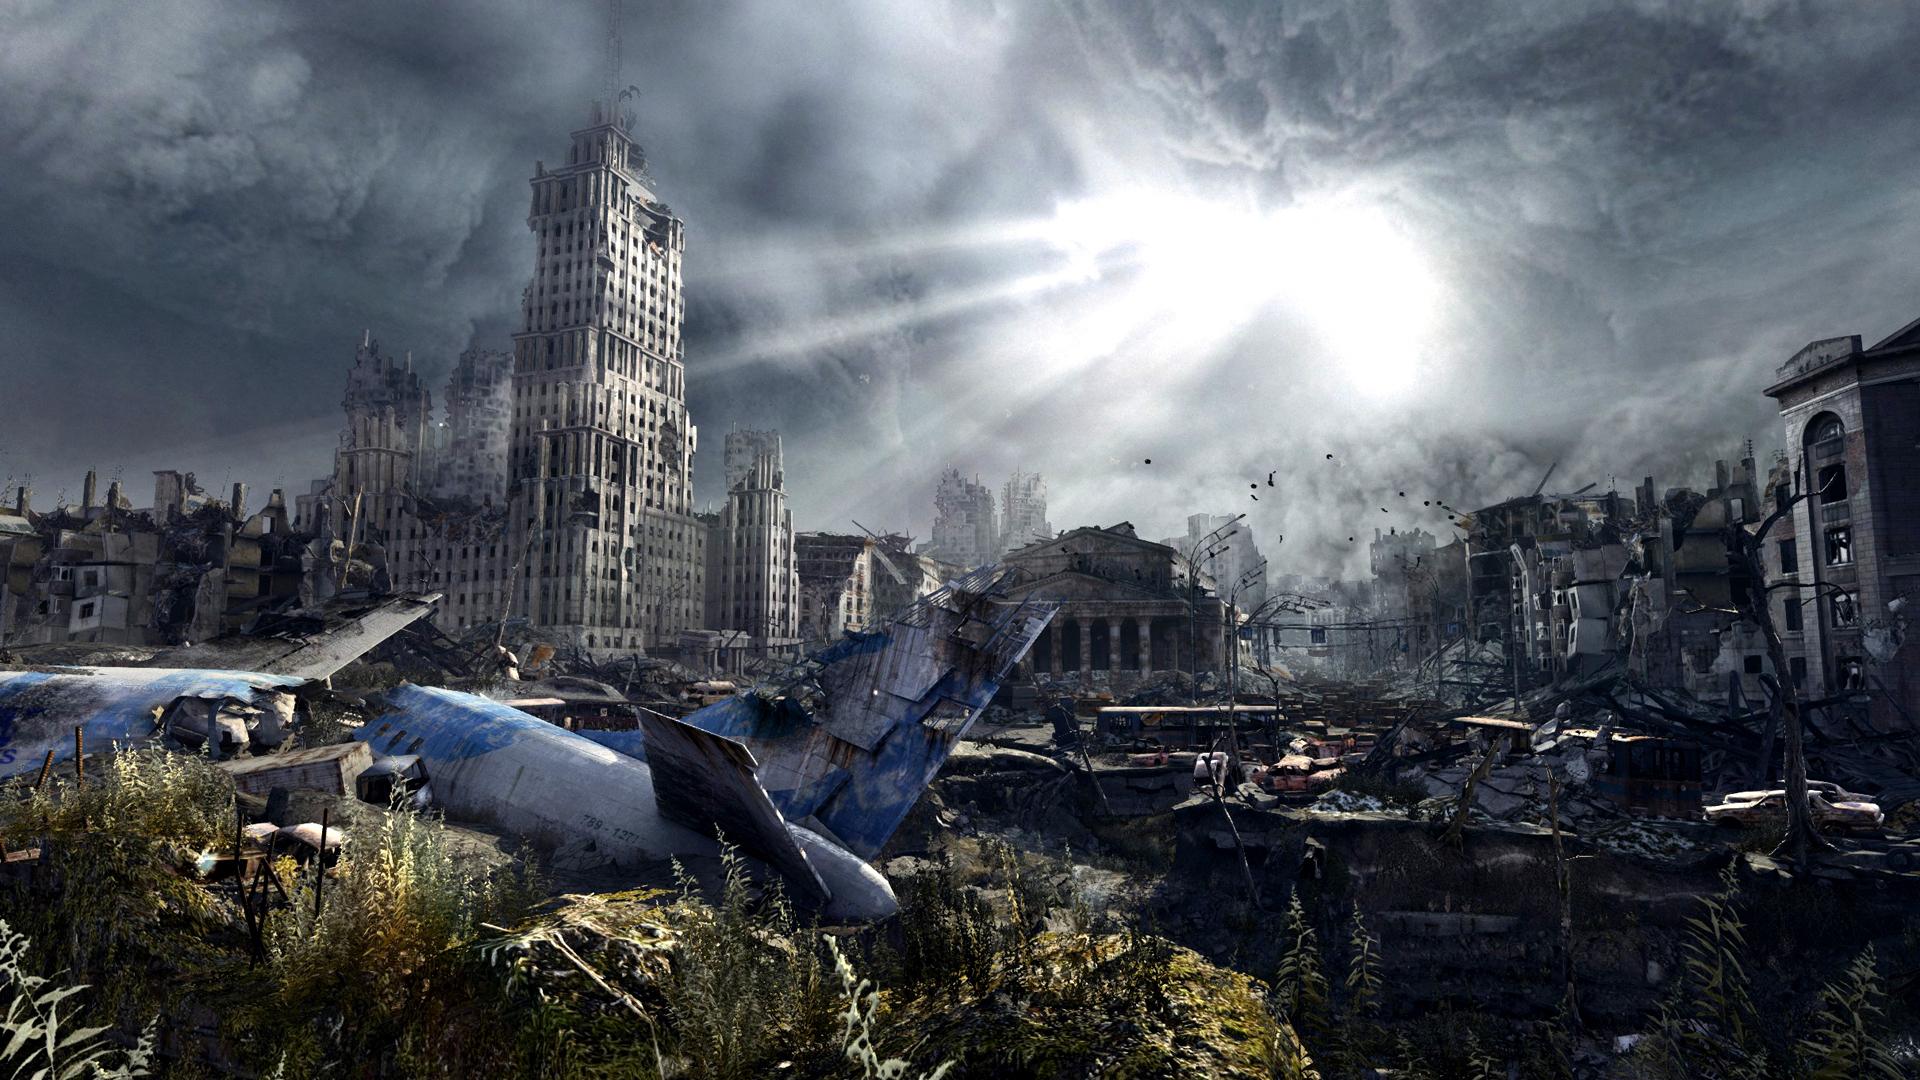 фото для рабочего стола апокалипсис поролонки применяются